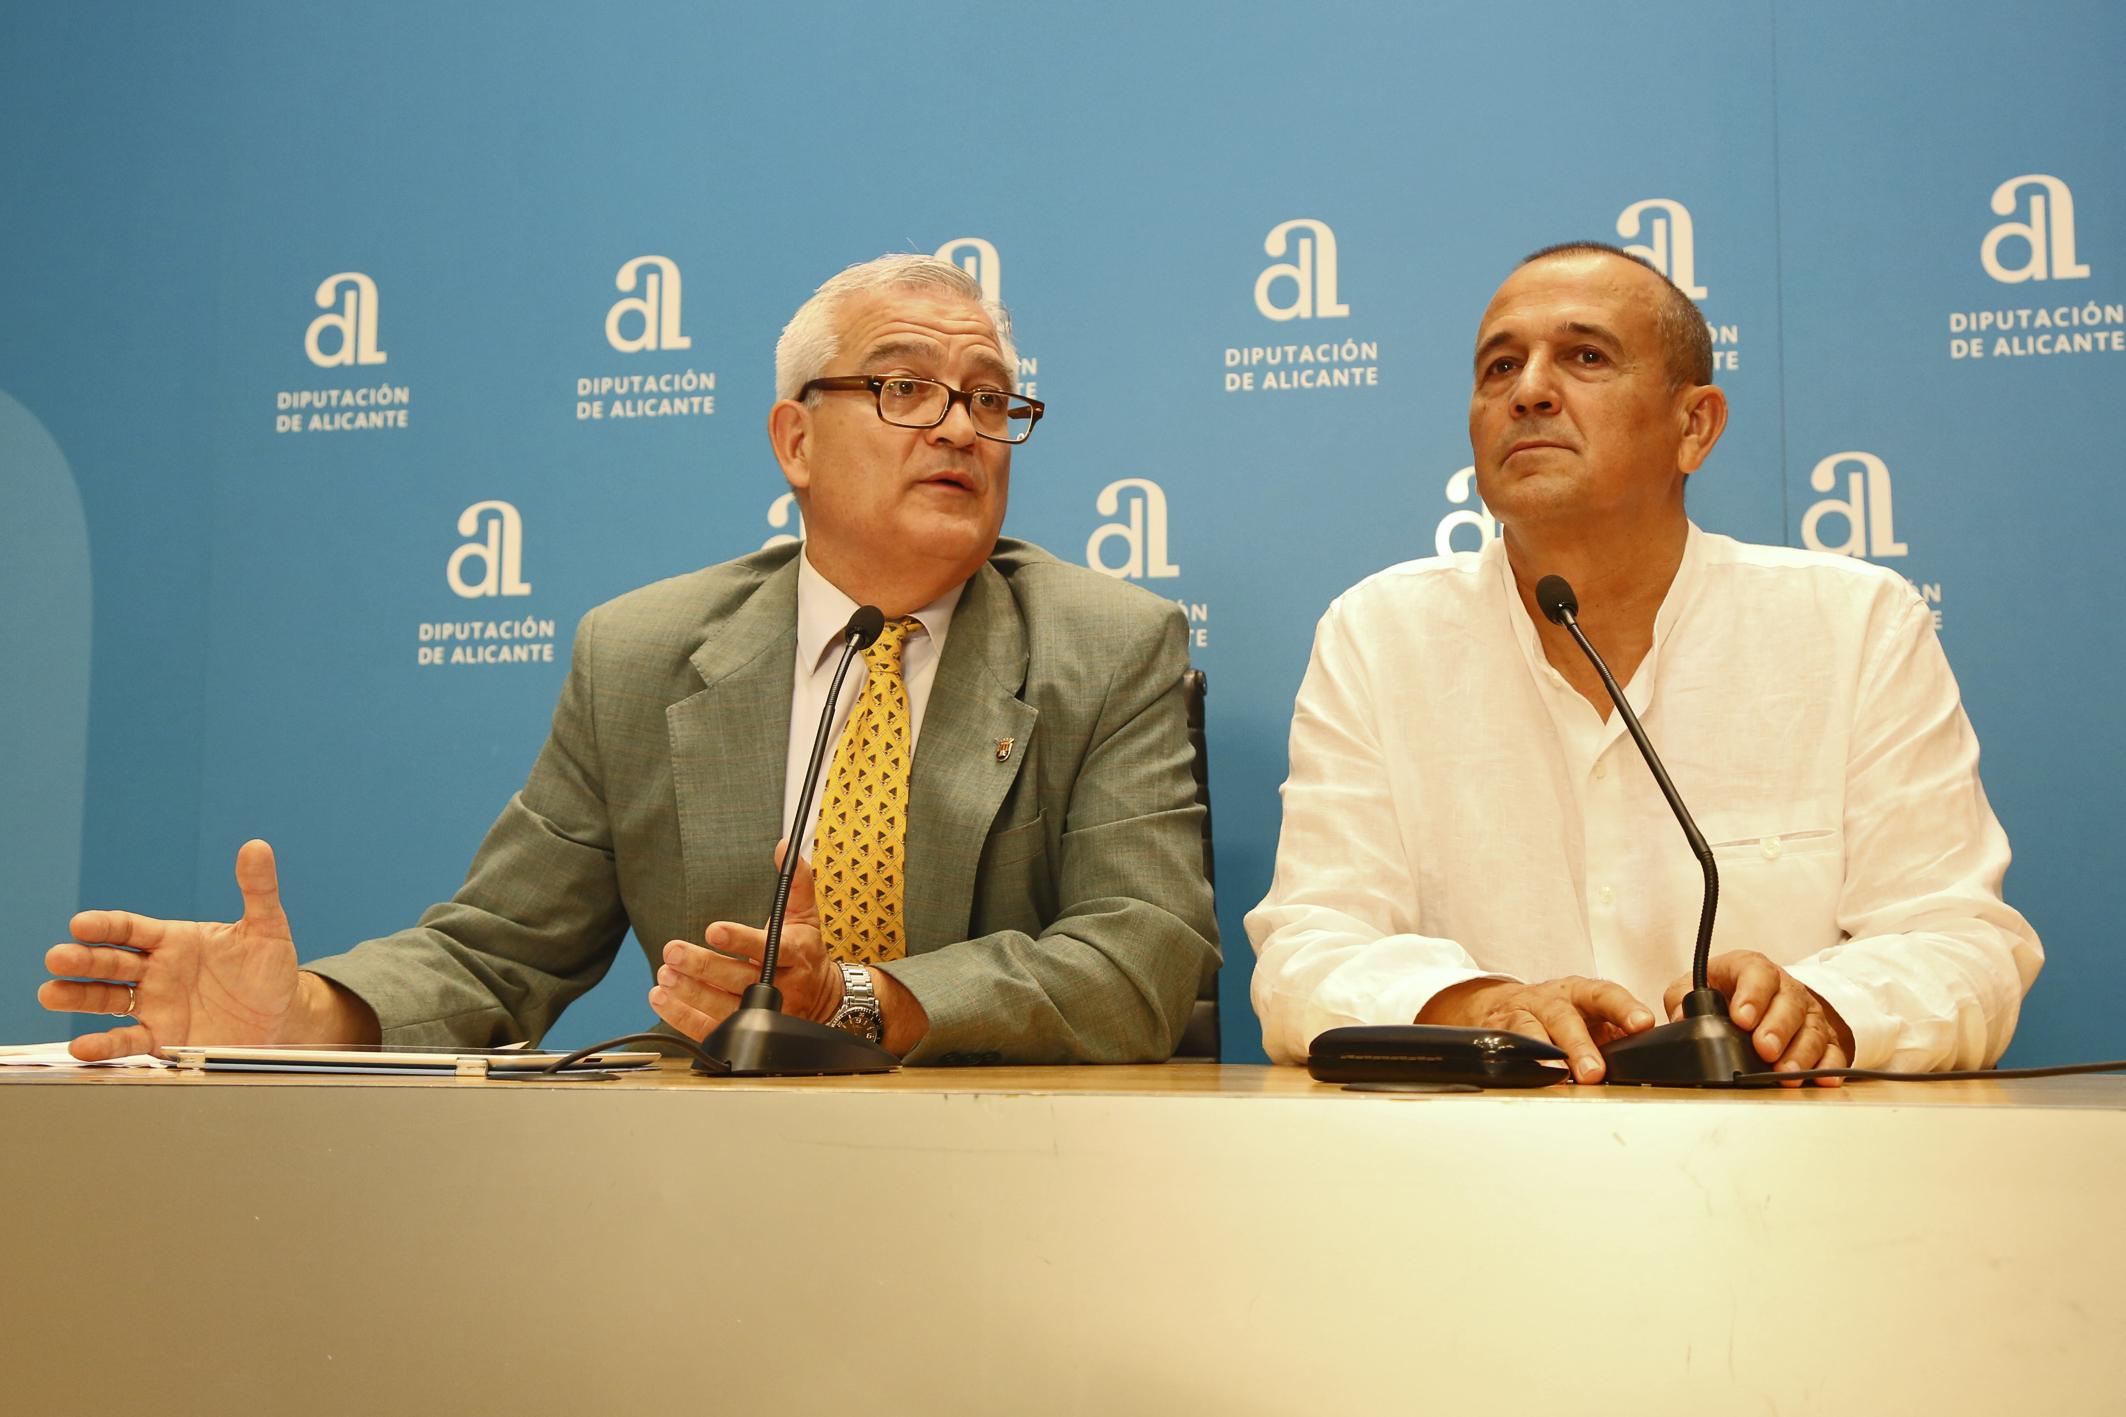 Urbá Lozano gana el Premio Enric Valor de novela en valenciano de la Diputación de Alicante